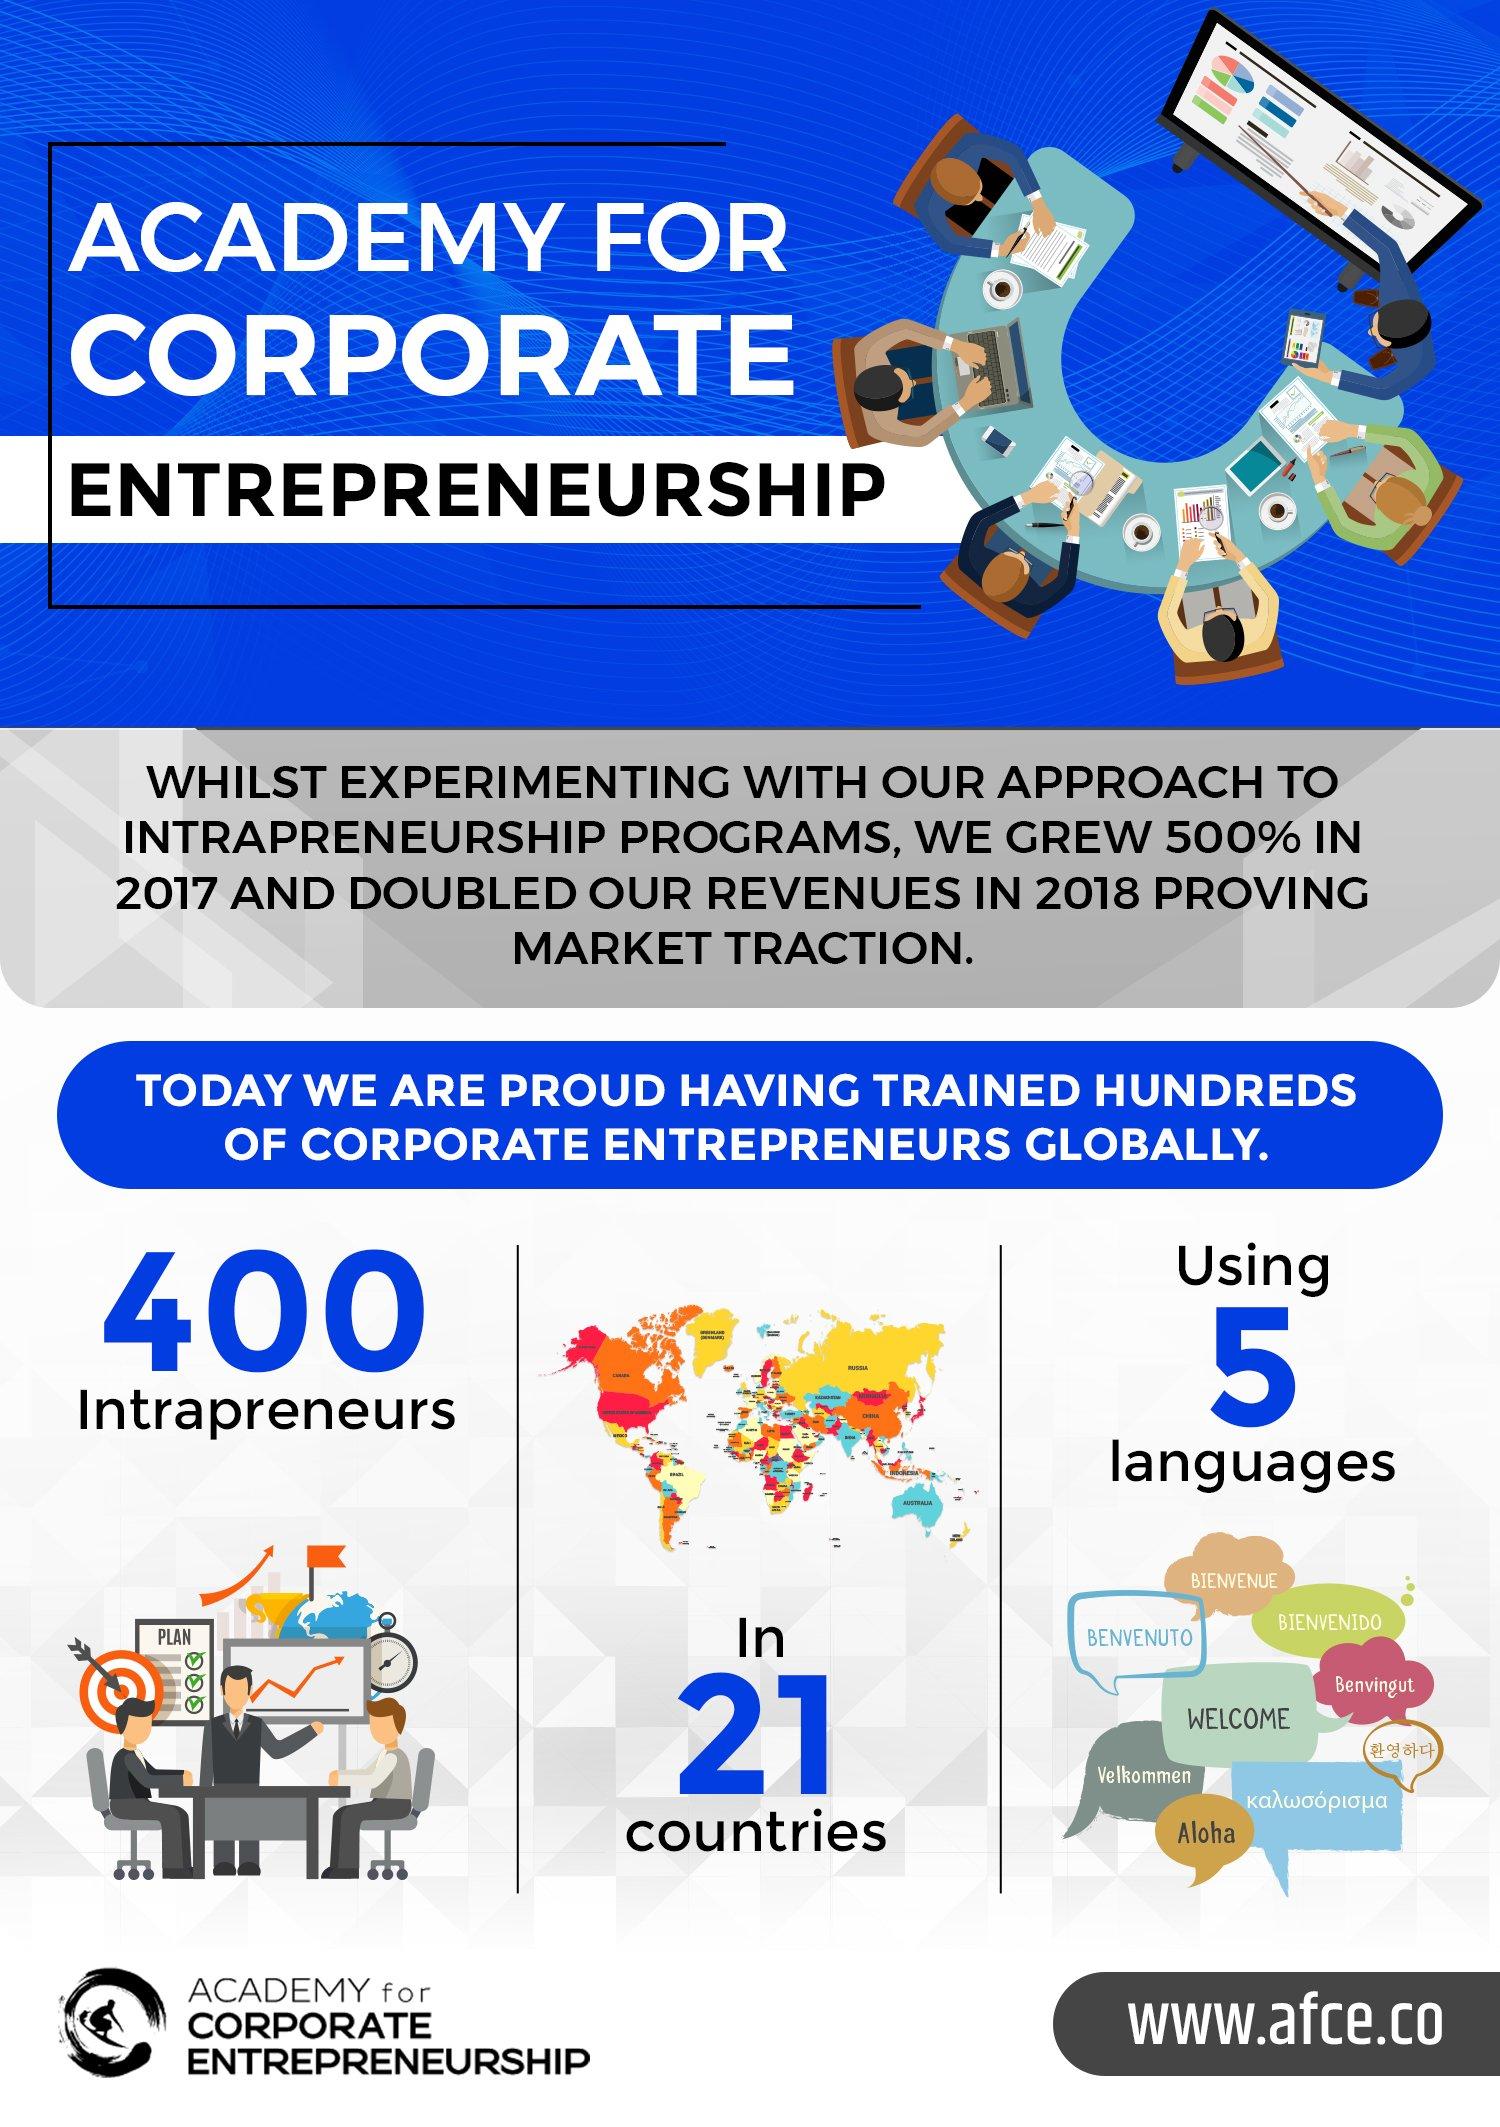 Academy-for-Corporate-Entrepreneurship_v2